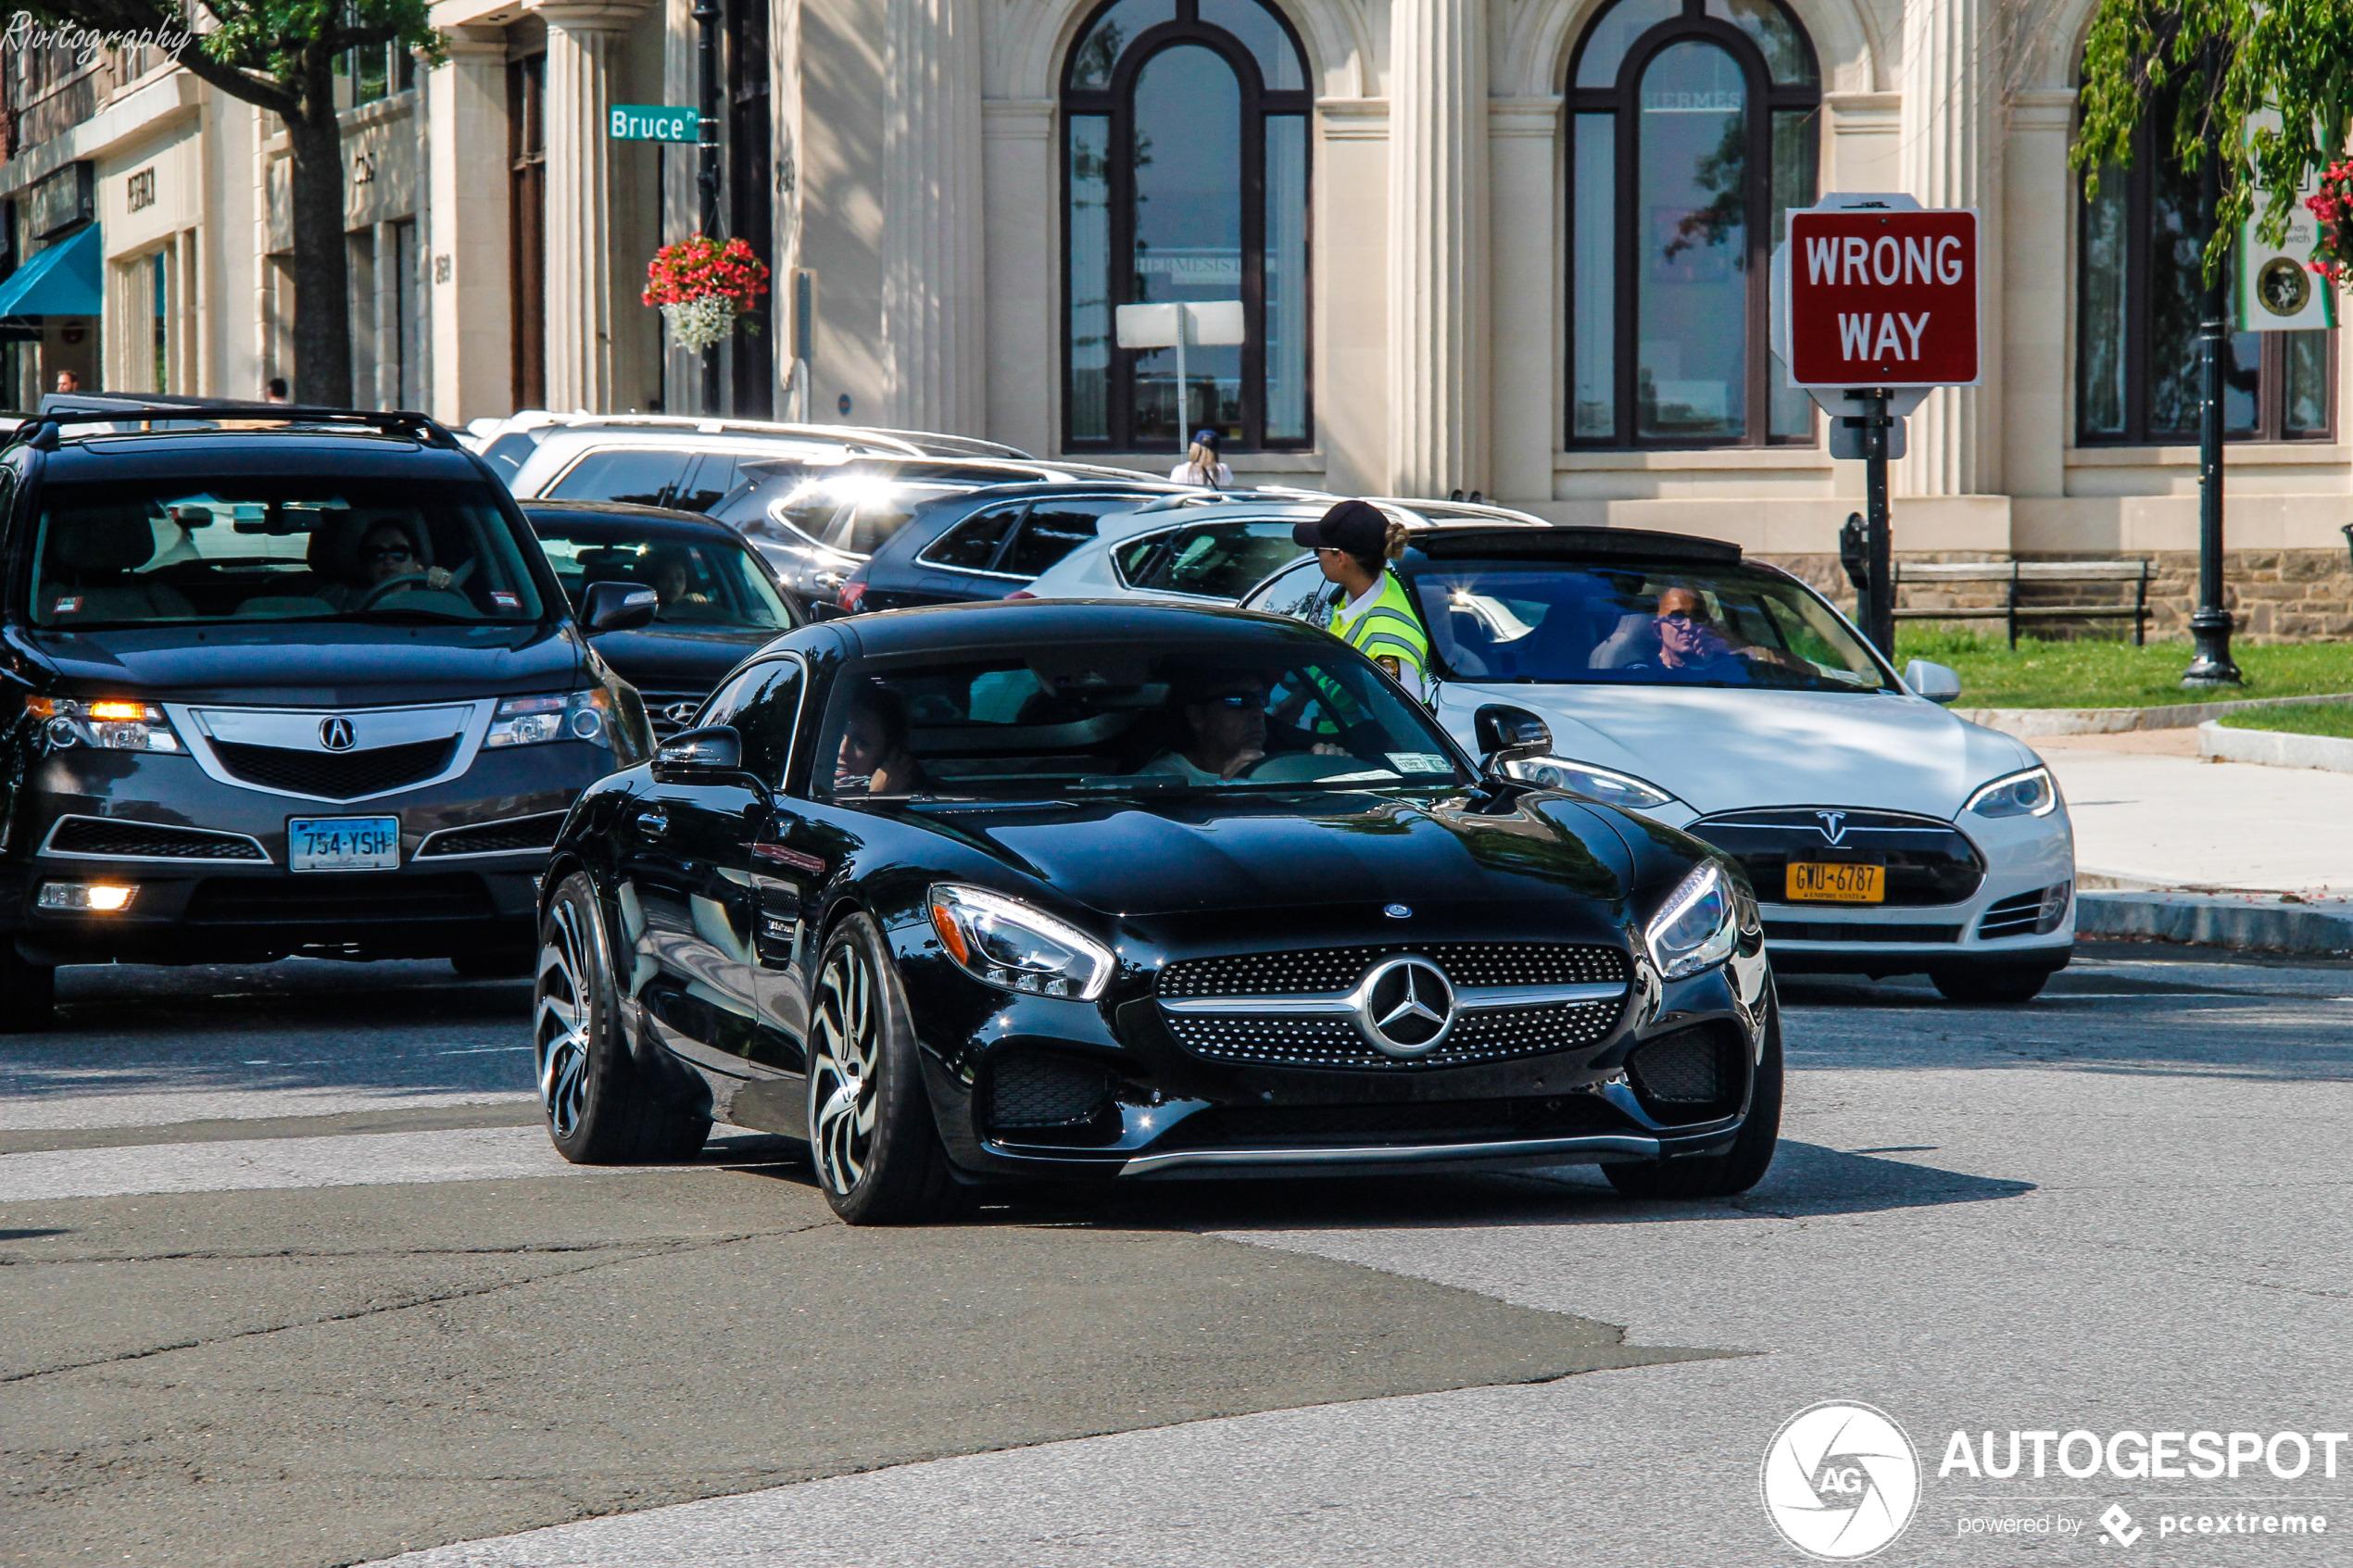 Deze Mercedes-AMG GT S wint zeker niet de schoonheidsprijs